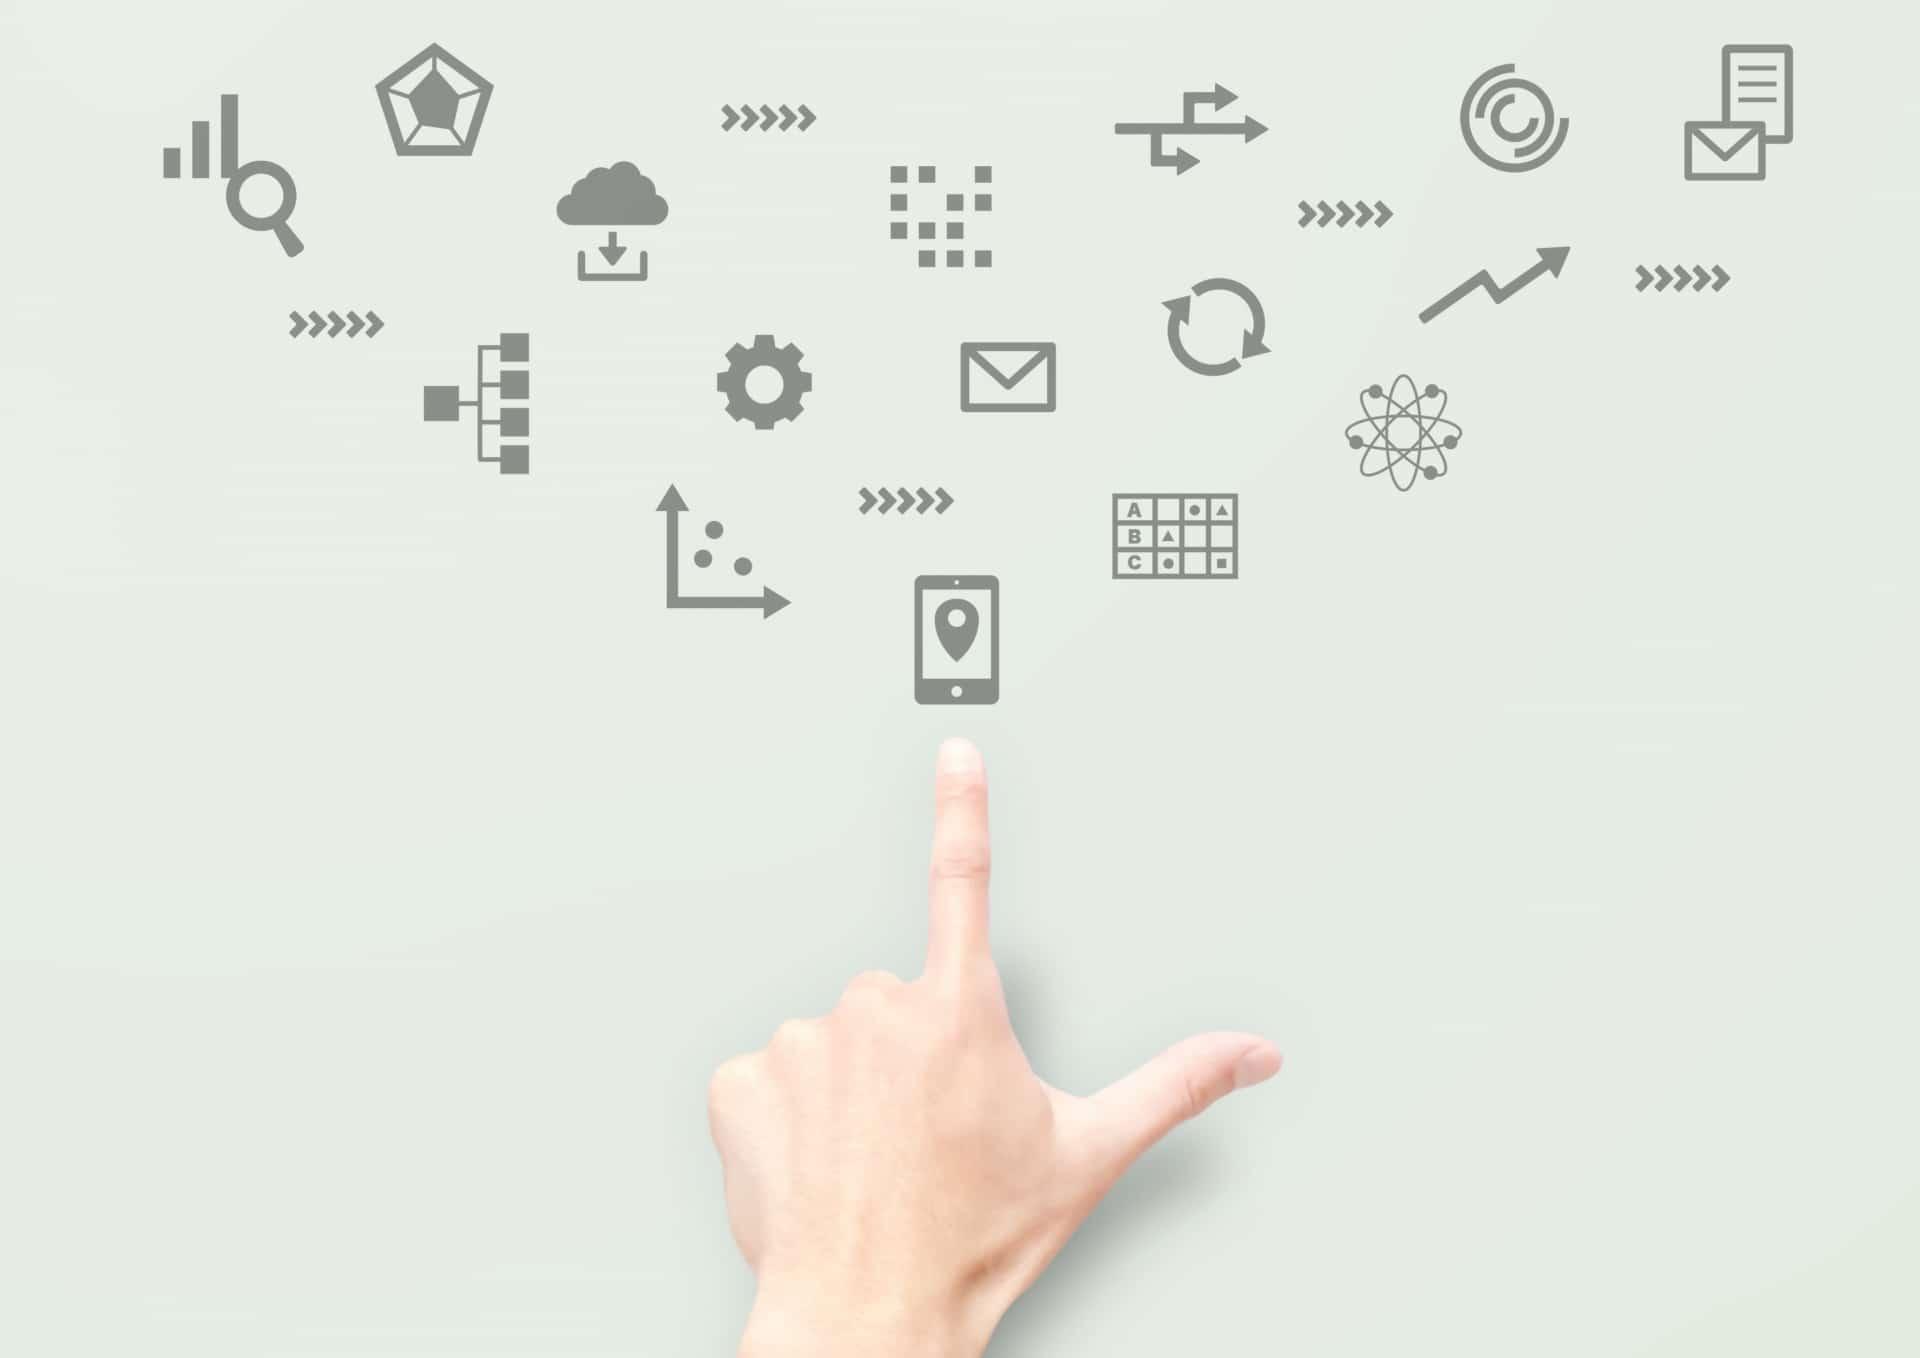 デバイスやネットワークのイメージ